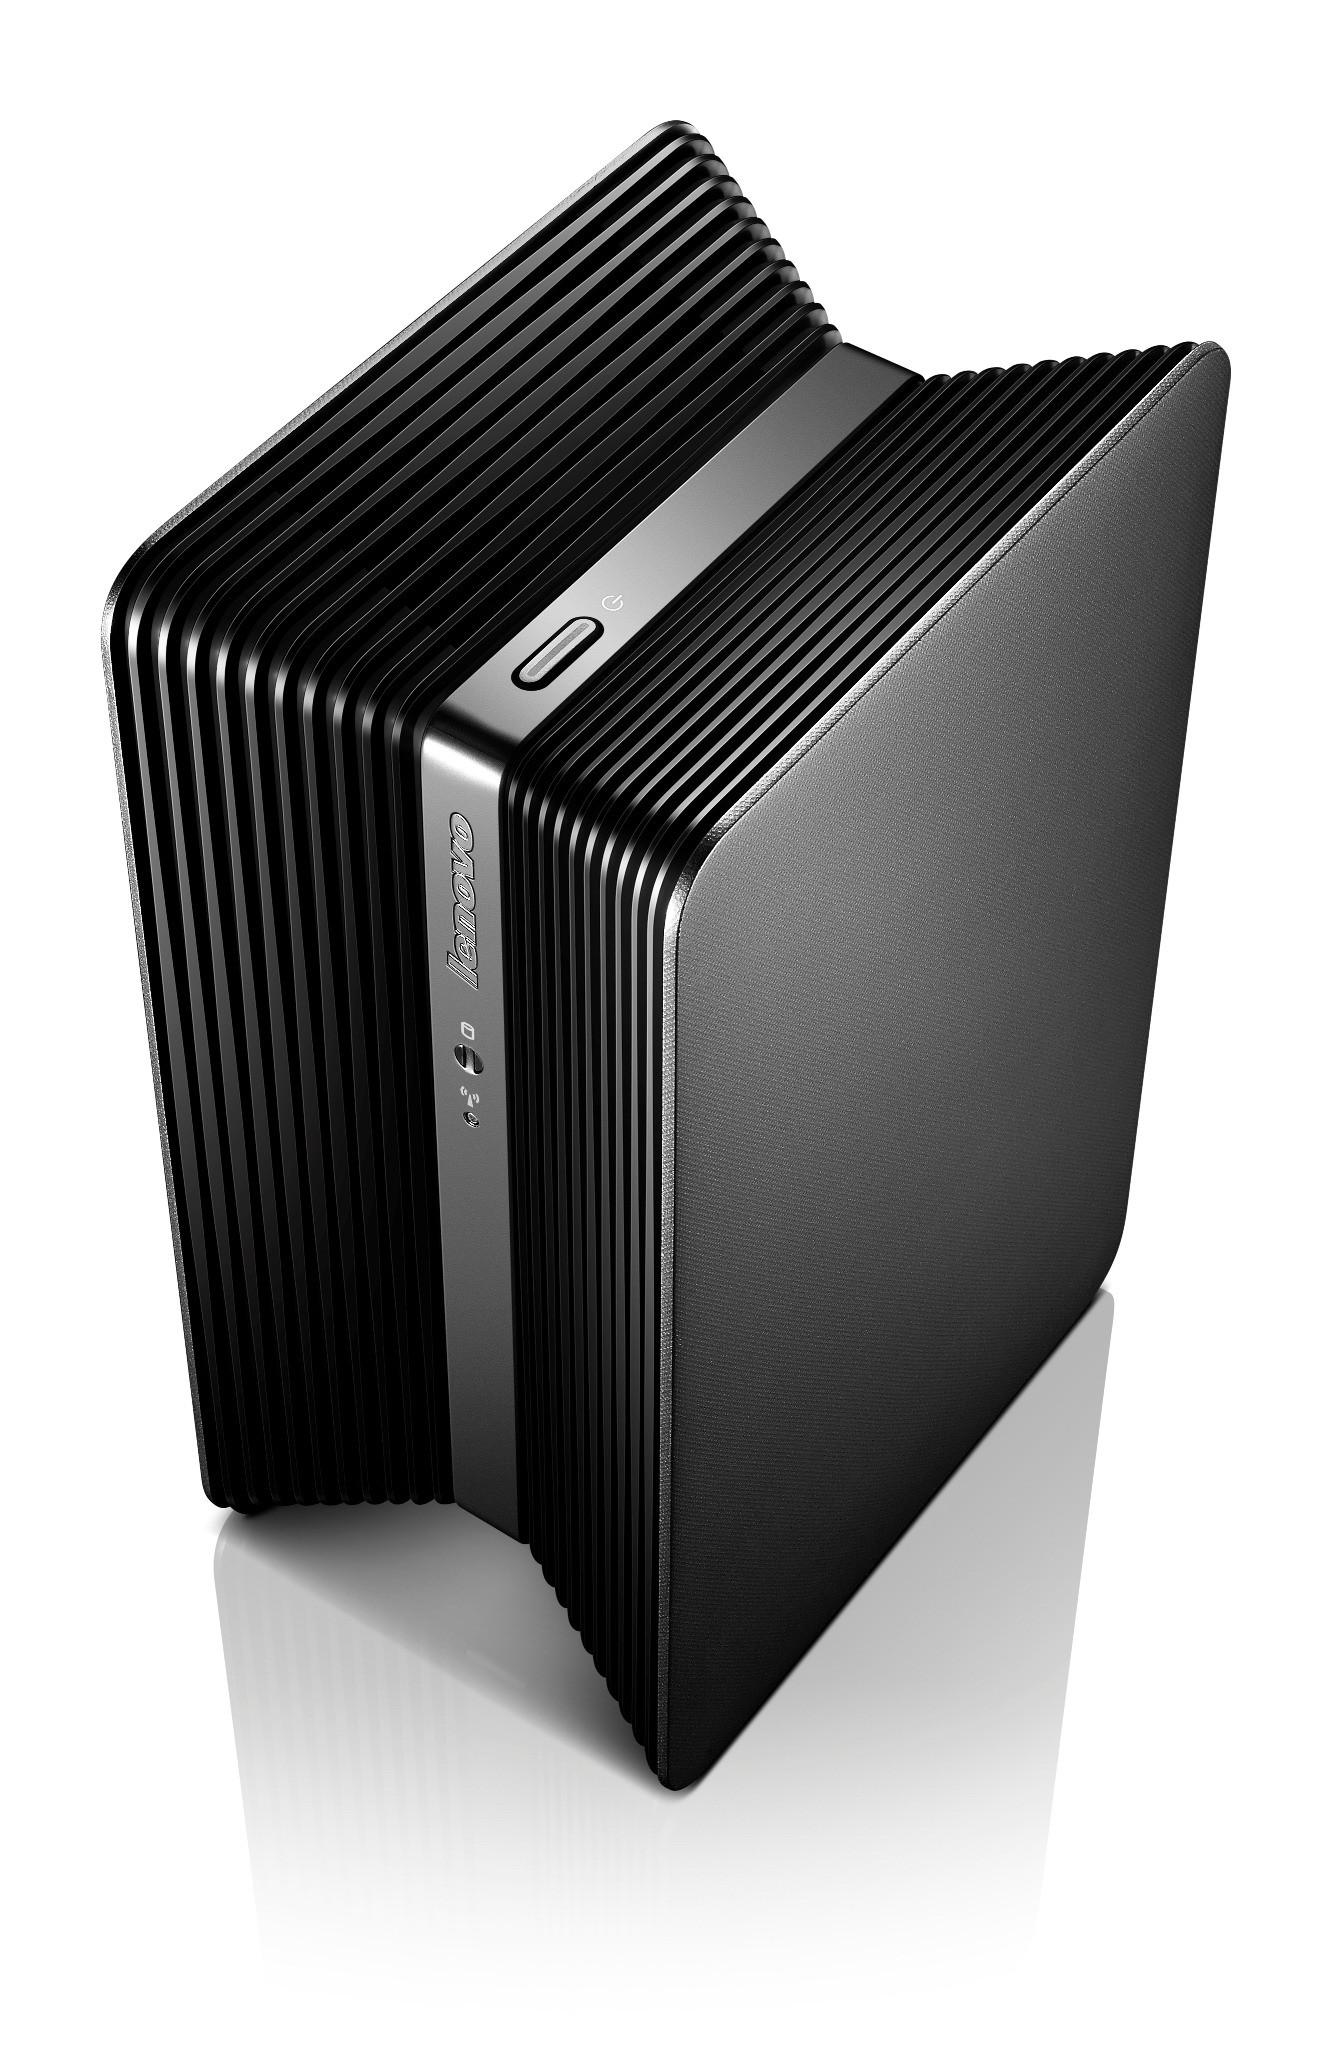 Beacon Top - Beacon: Thiết bị lưu trữ đám mây cá nhân đầu tiên của Lenovo